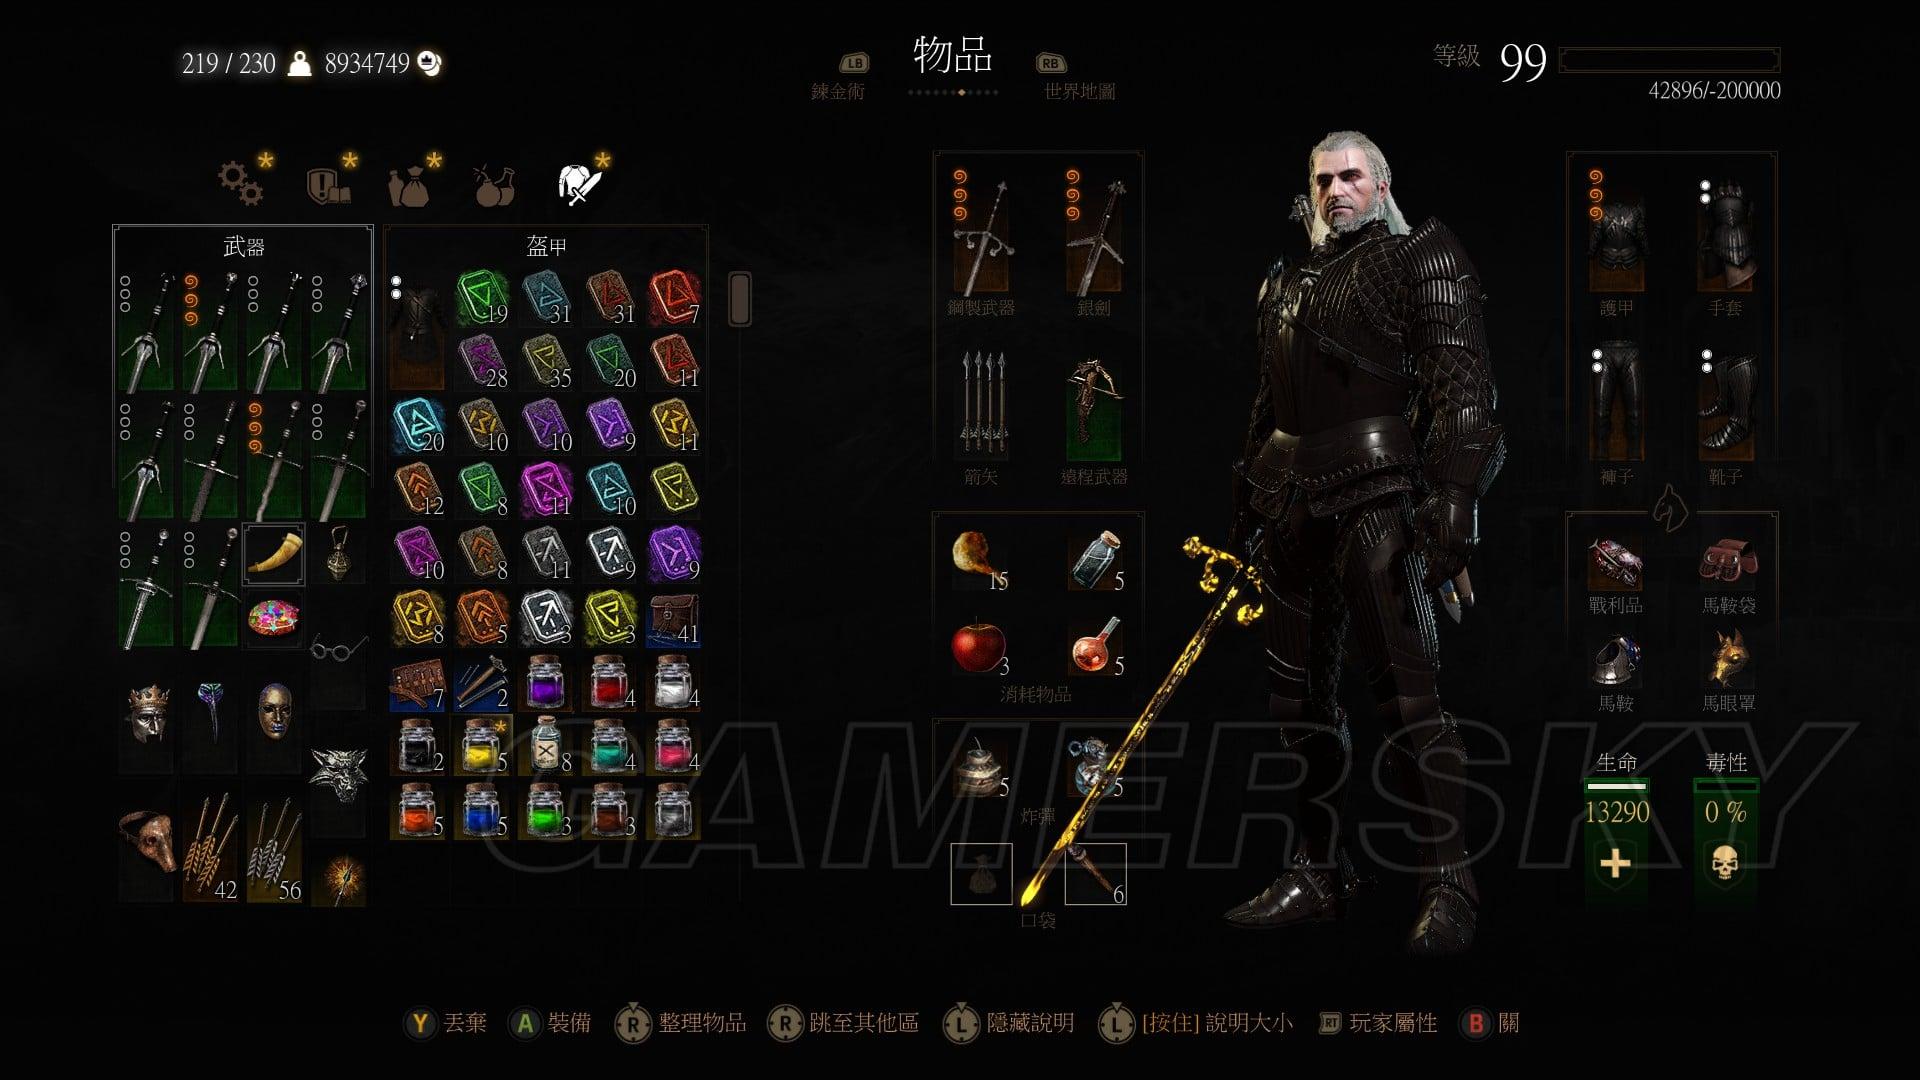 巫師3 血與酒武器裝備任務等圖文心得